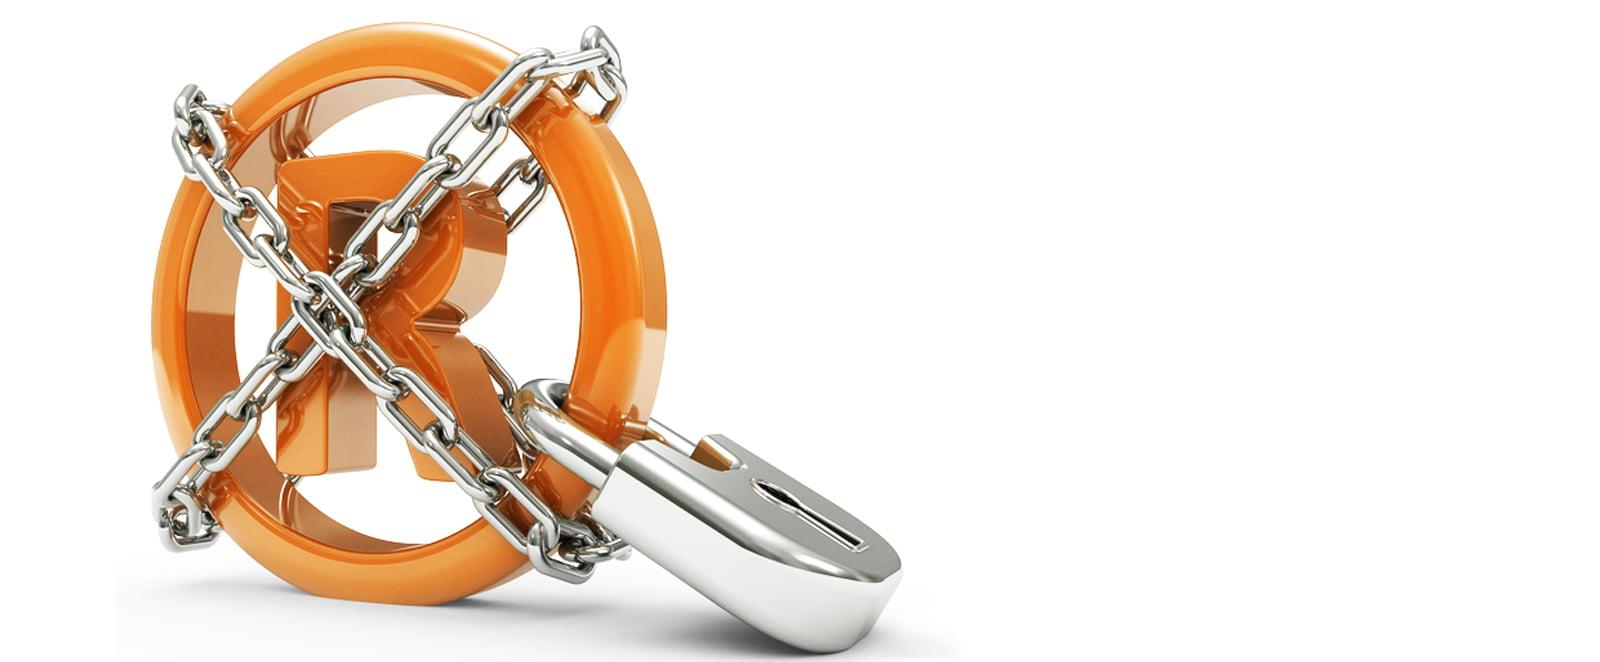 Invenção promete dar visão biônica e perfeita a qualquer um